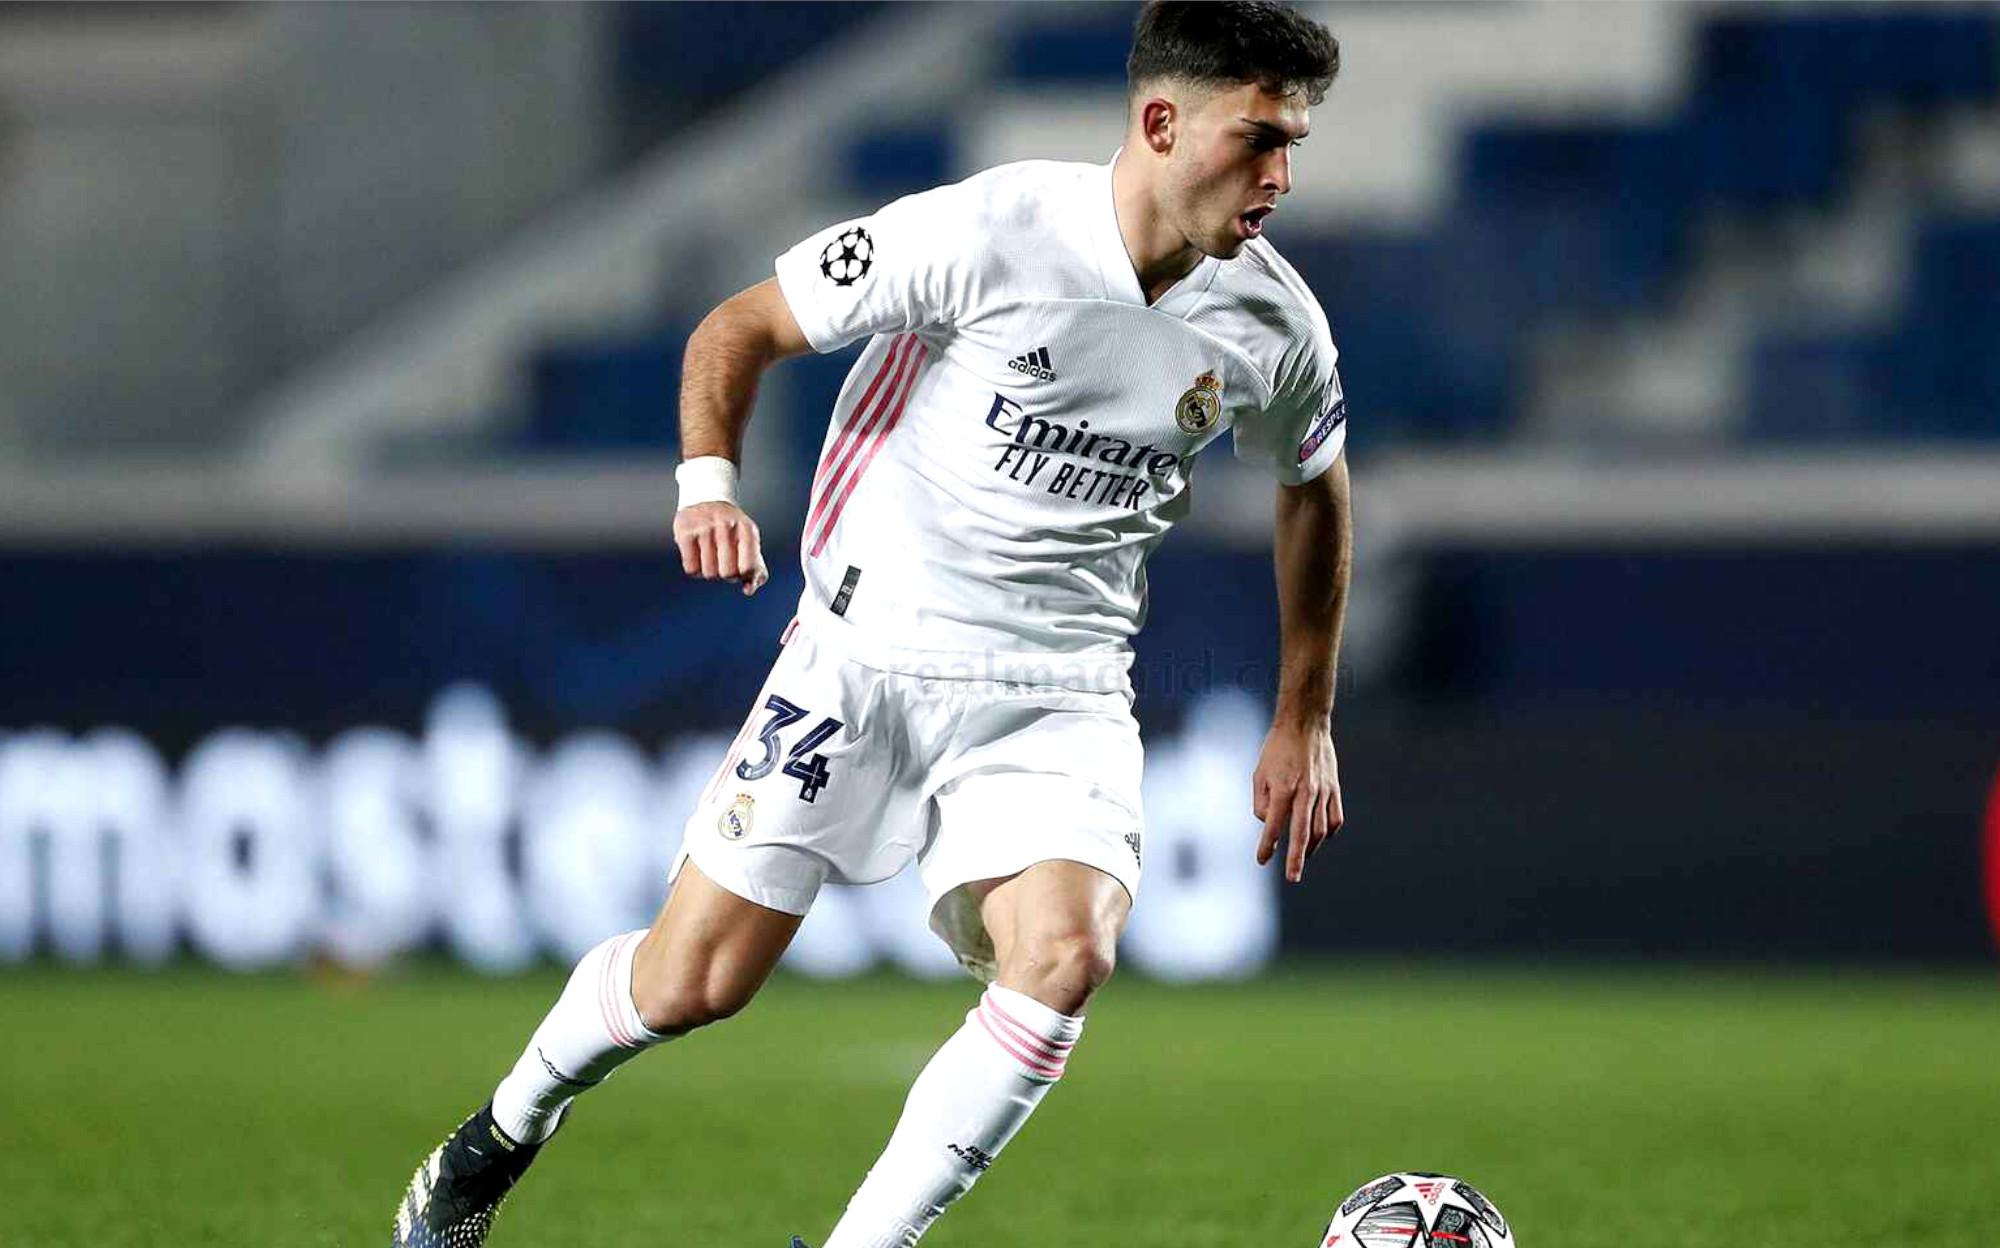 Imagen de Hugo Duro Perales en partido de Champions